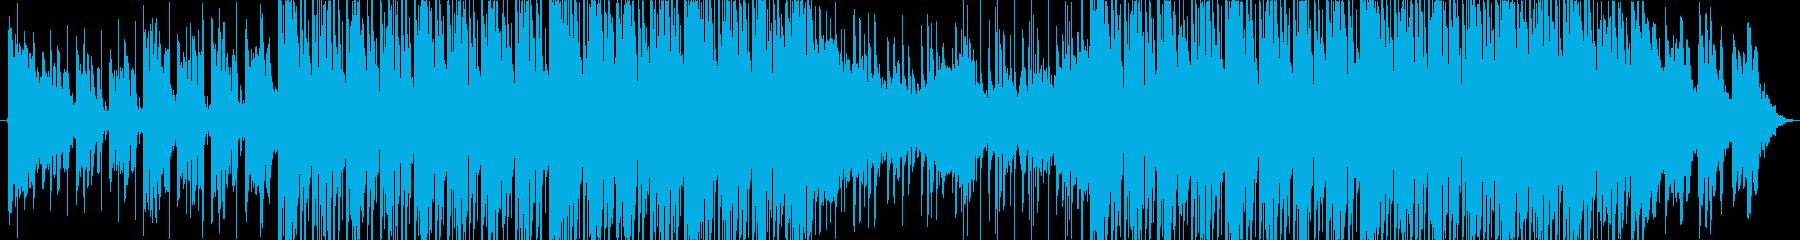 シンセピアノ広告向け切ないハウストラックの再生済みの波形